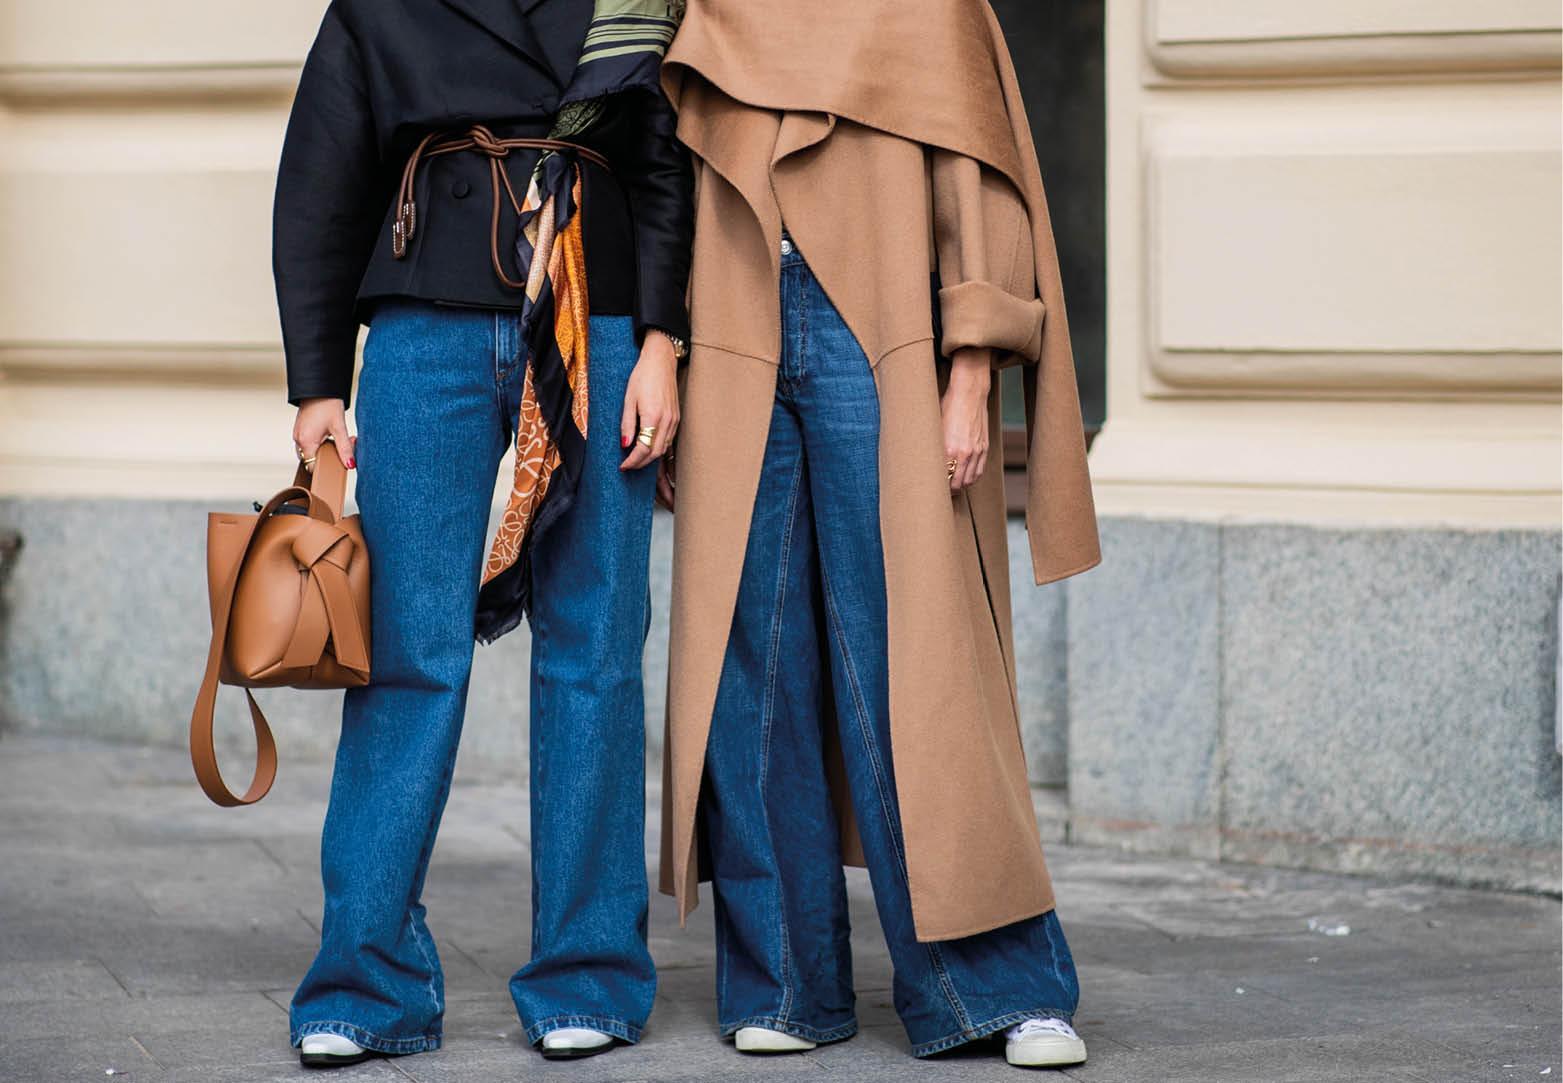 Doei skinny, hallo wijde high-waisted jeans!